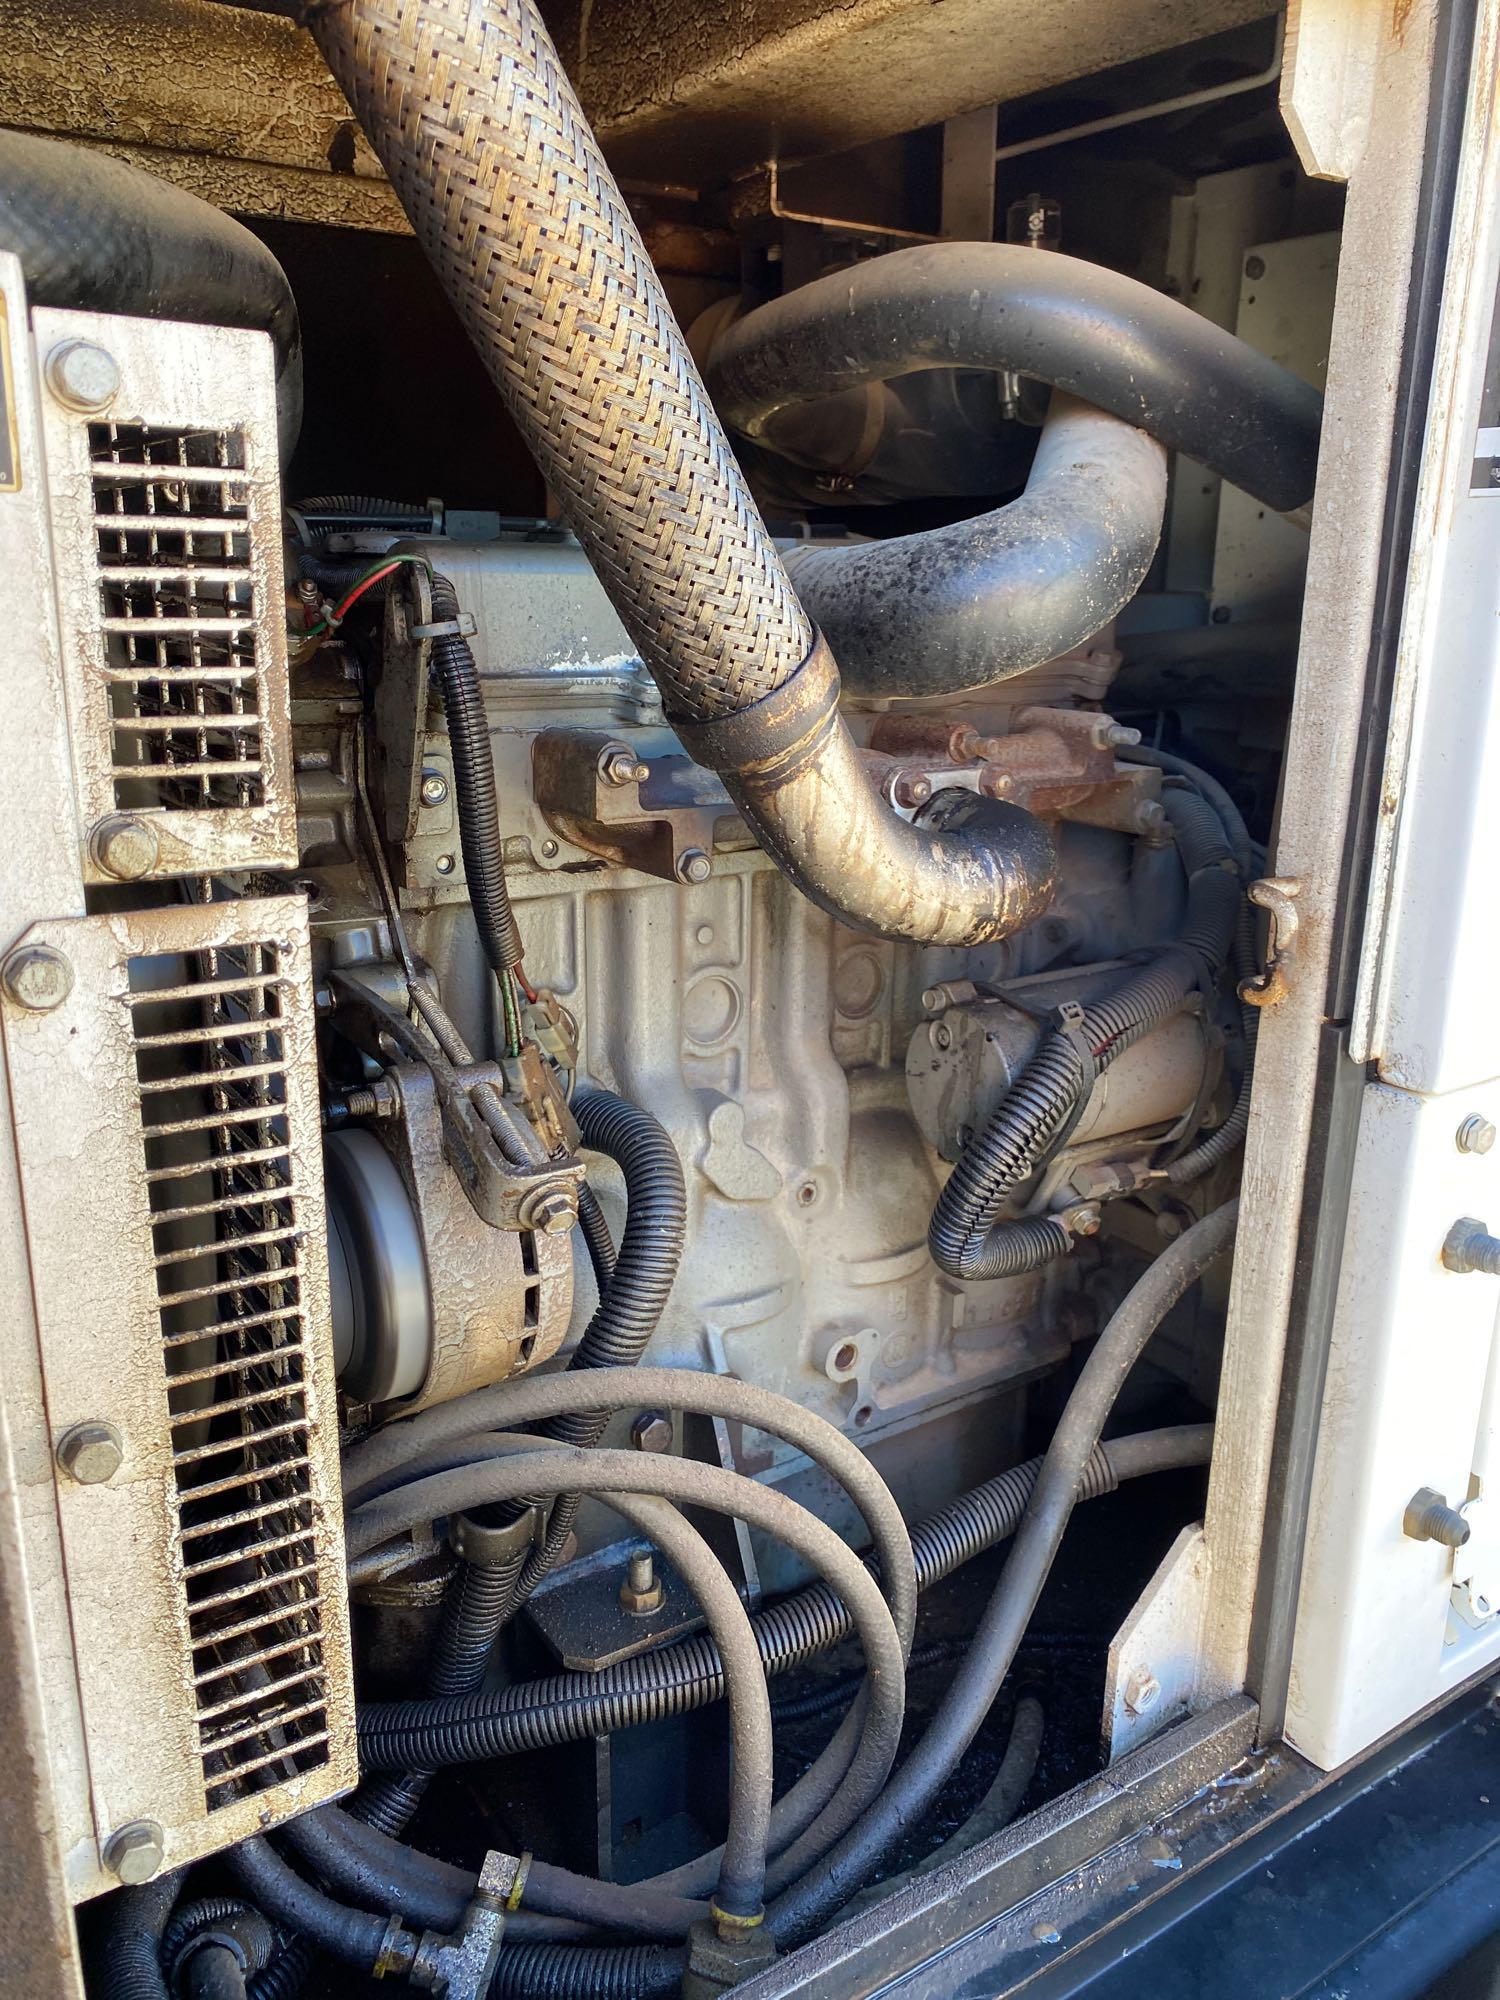 2012 WHISPERWATT MQ POWER DIESEL GENERATOR, TRAILER MOUNTED, 20KW, 25KVA, RUNS AND OPERATES - Image 7 of 10